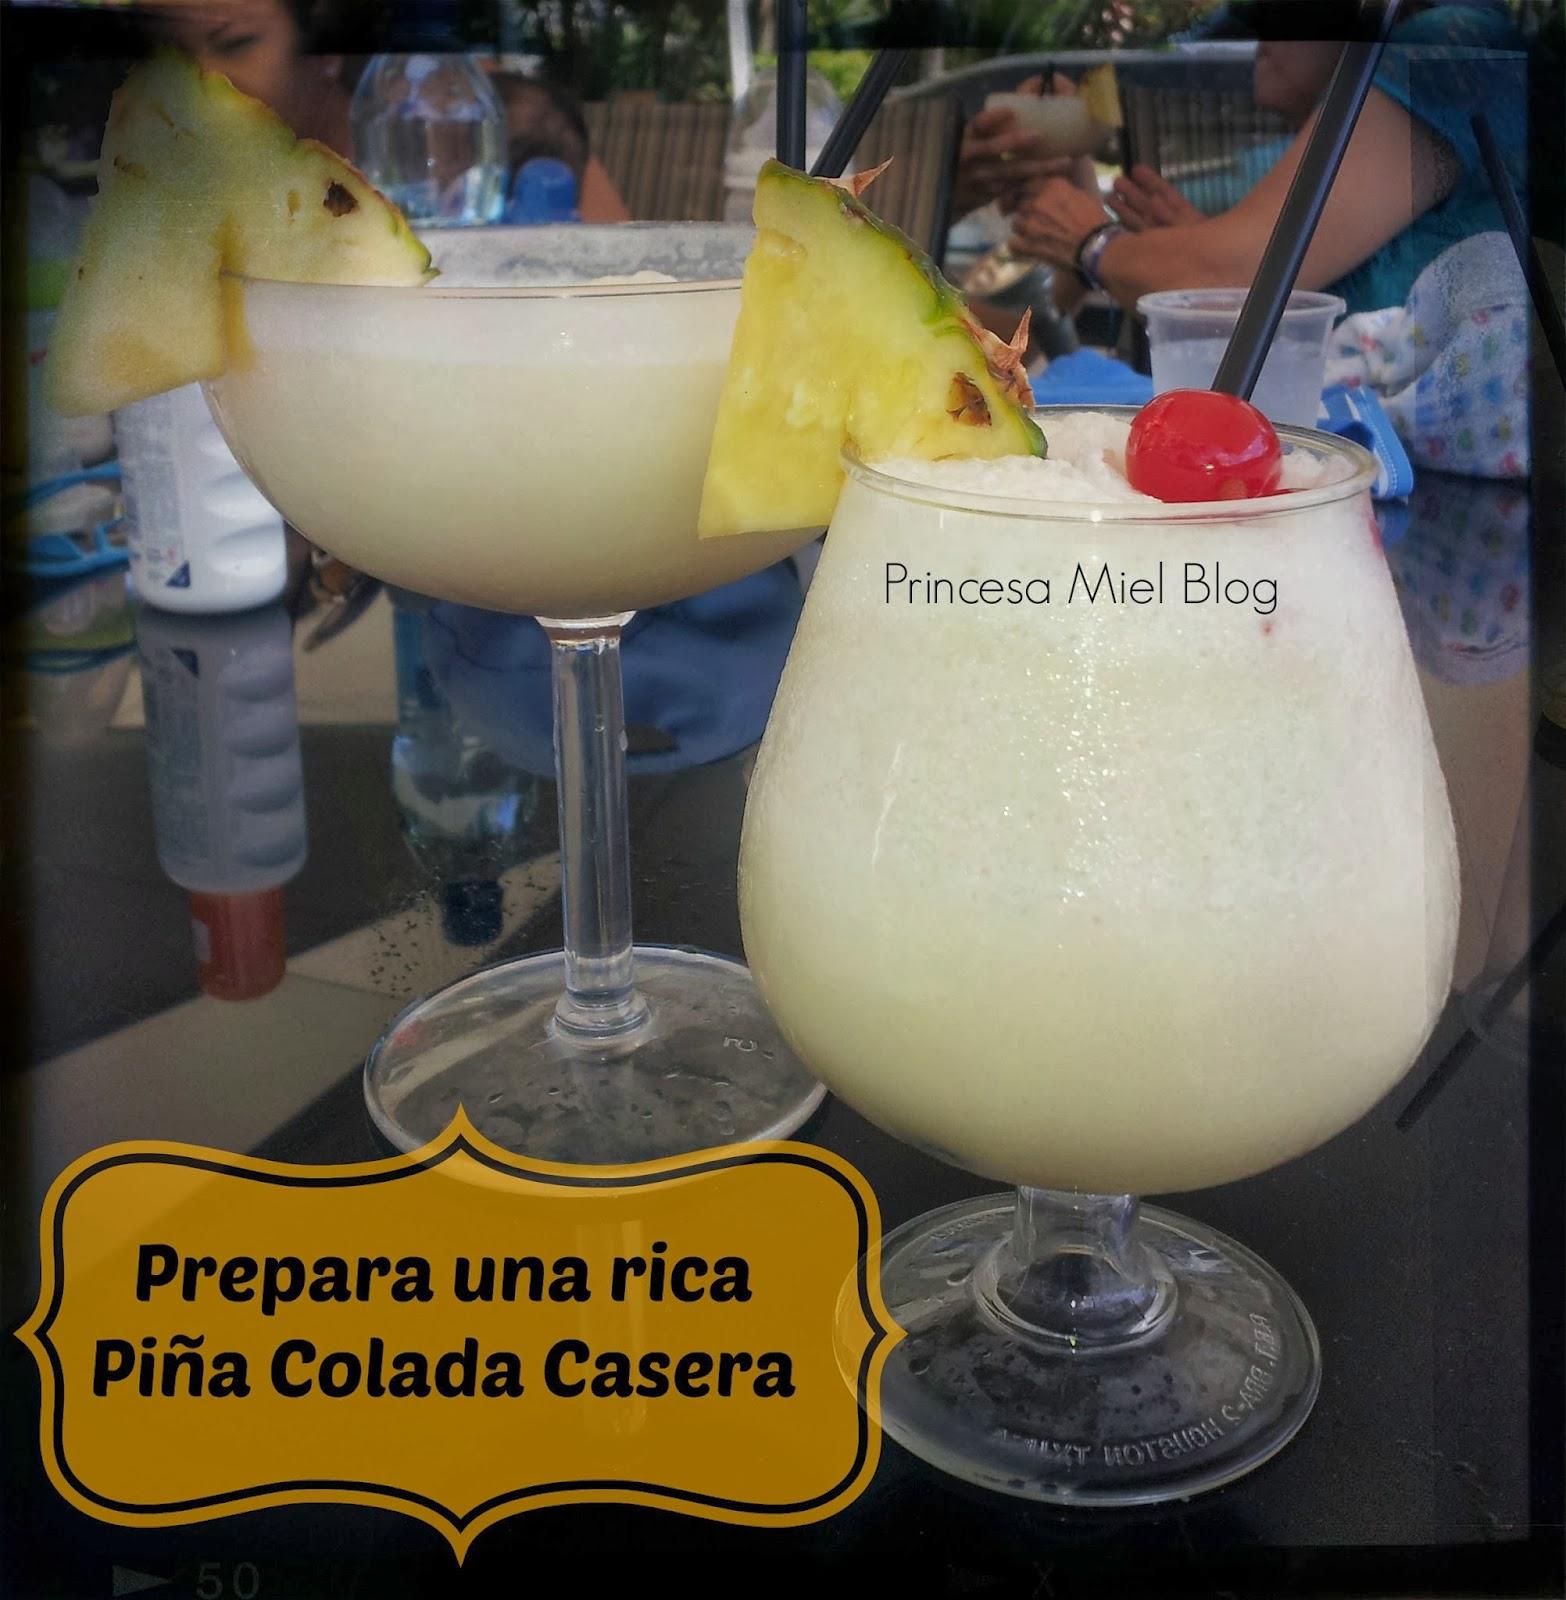 Princesa Miel Blog Recetas Prepara Una Rica Piña Colada Casera